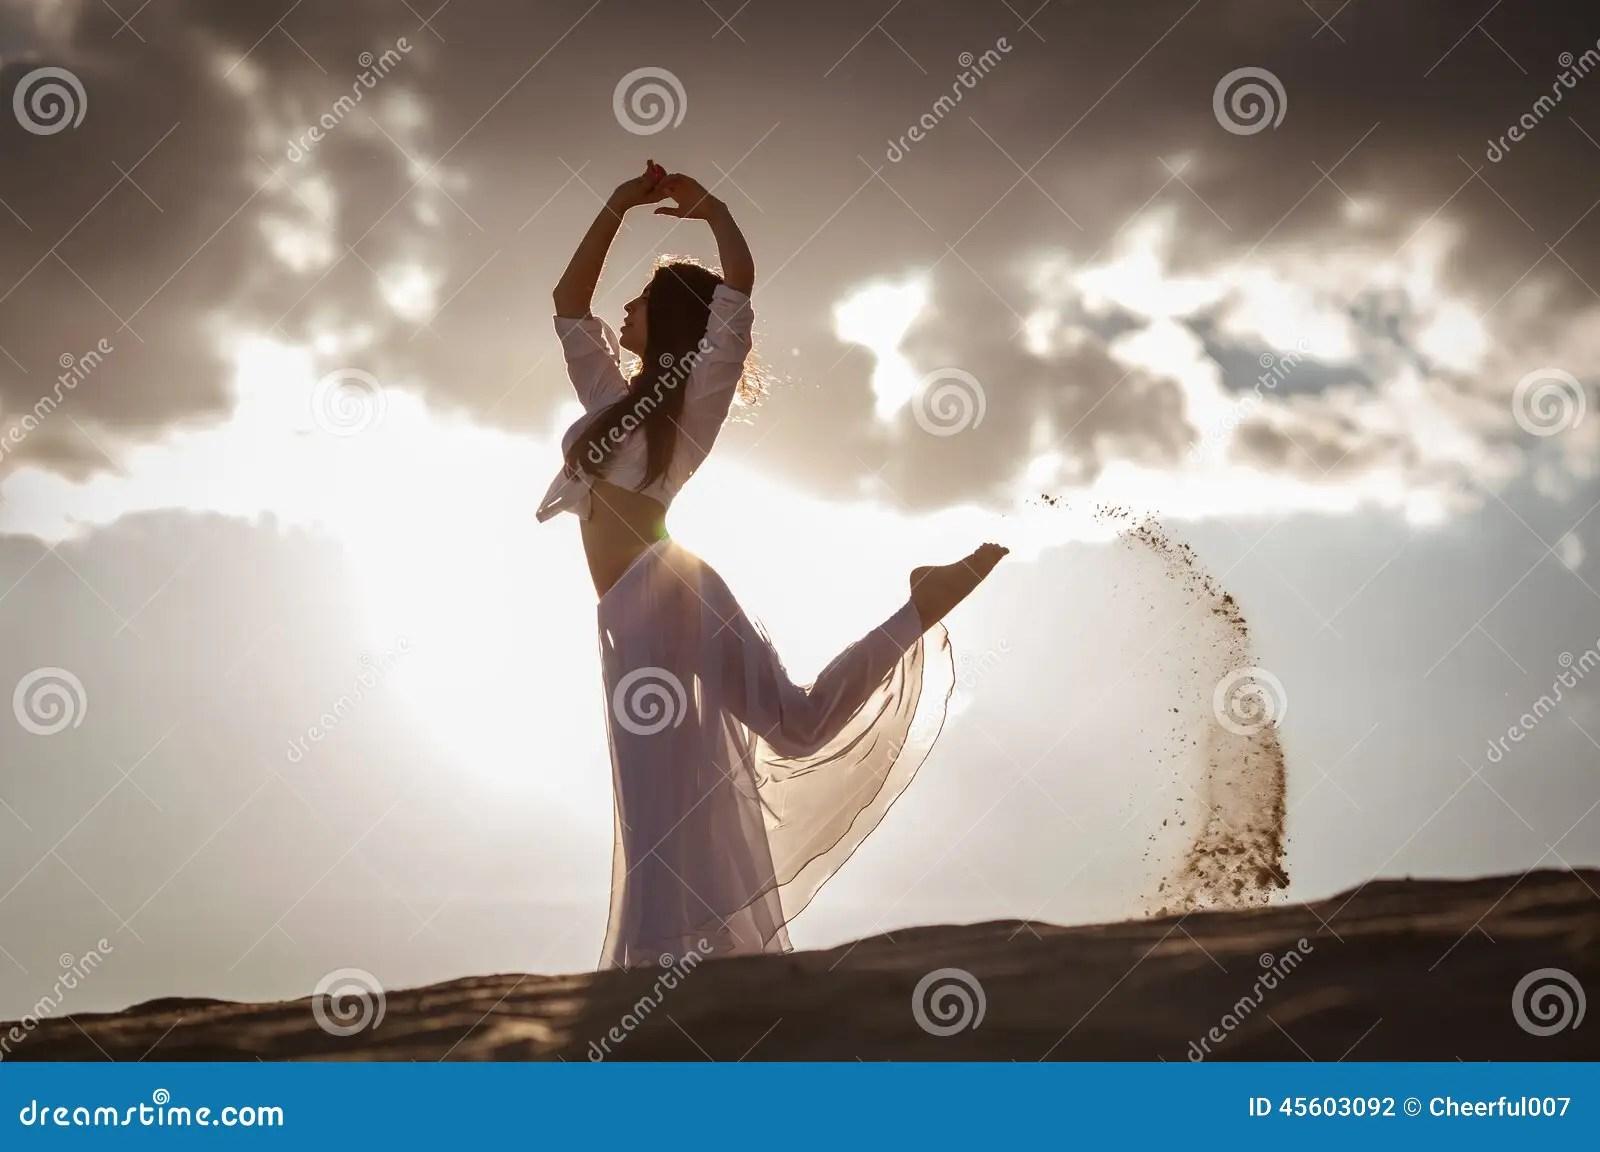 Om 3d Wallpaper Download Beautiful Woman Dancing At Sunrise Stock Photo Image